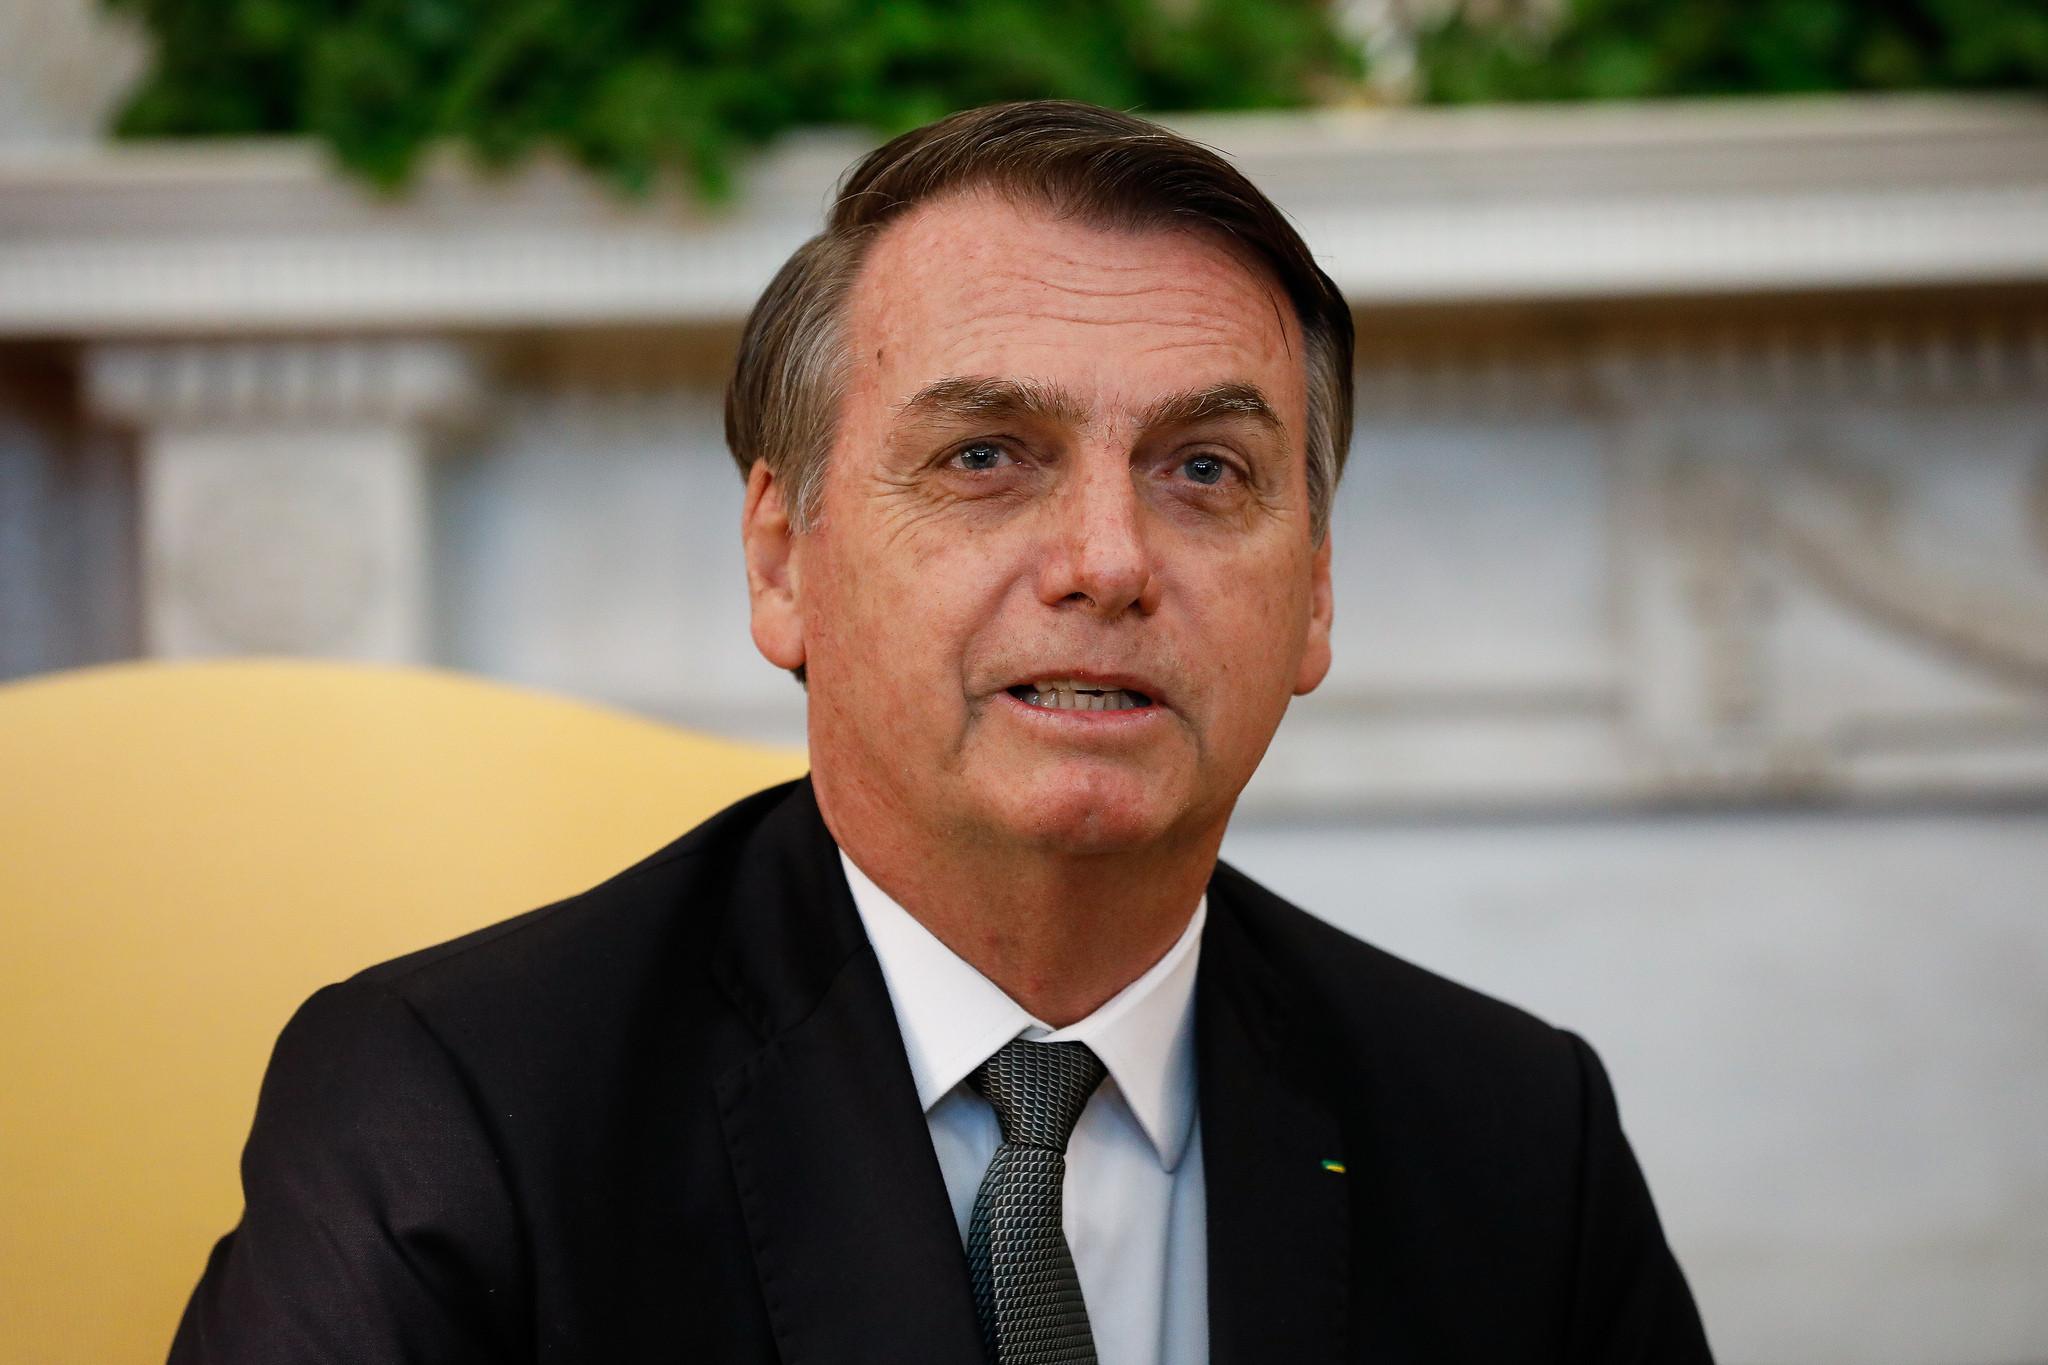 Diplomacia até as últimas consequências, diz Bolsonaro sobre Venezuela